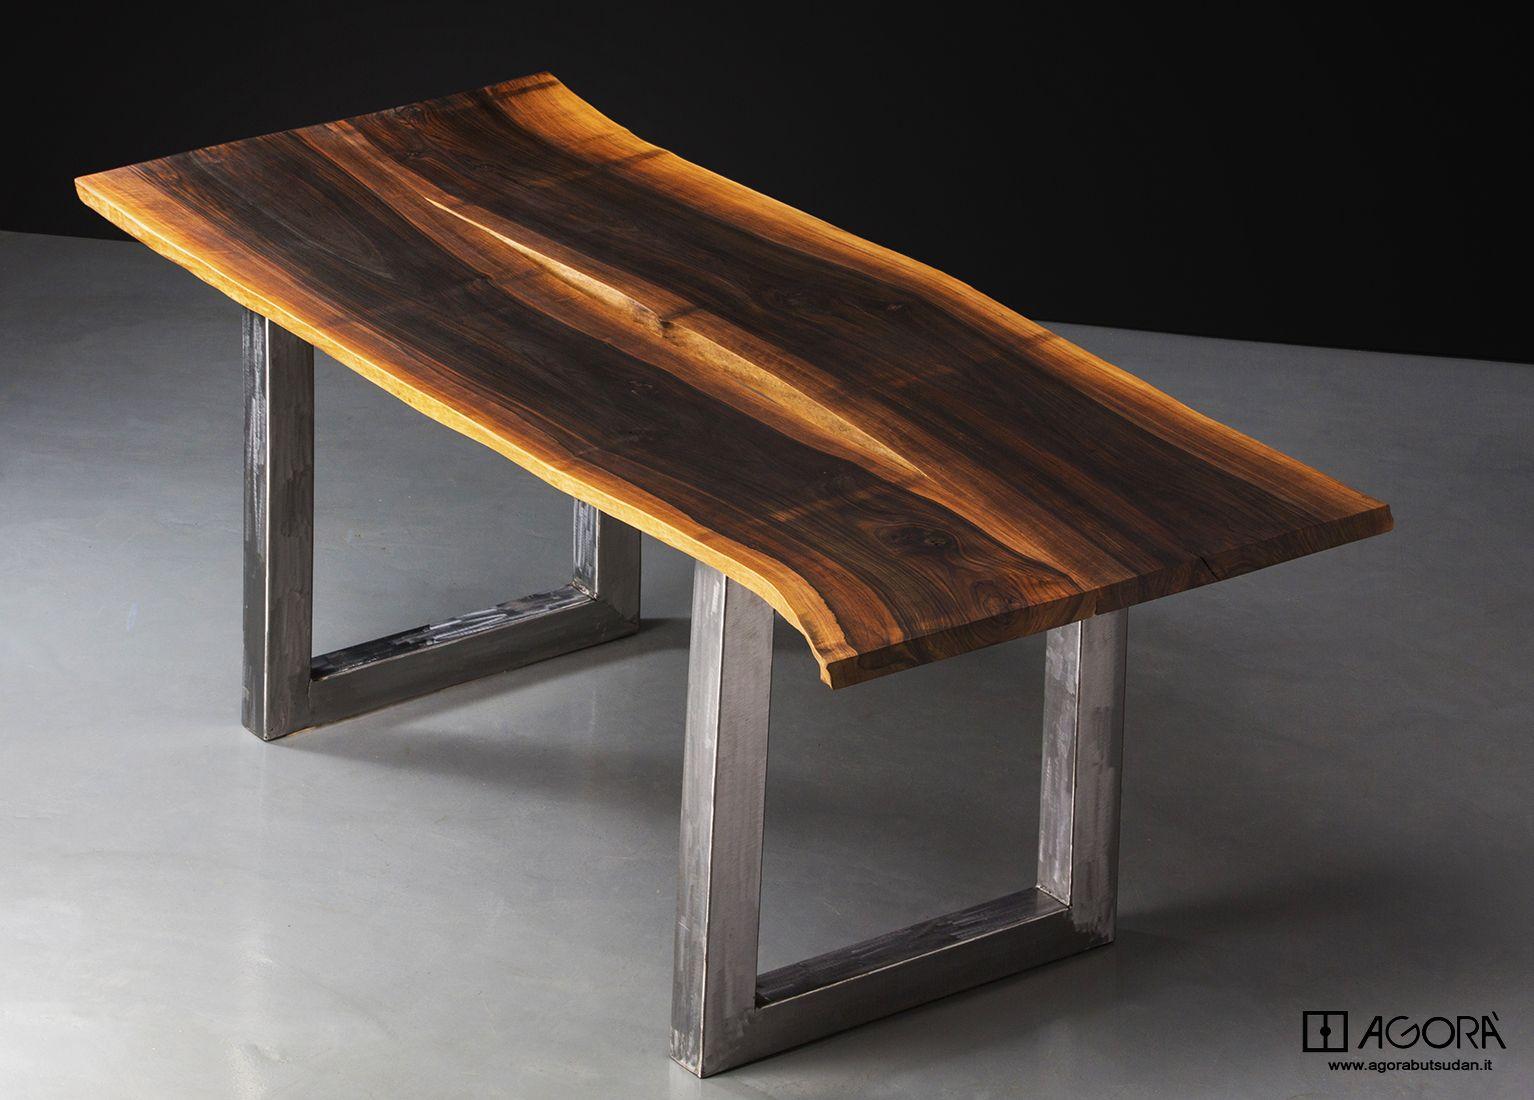 Tavolo In ~ Tavolo in massello di noce scortecciato e oliato al naturale